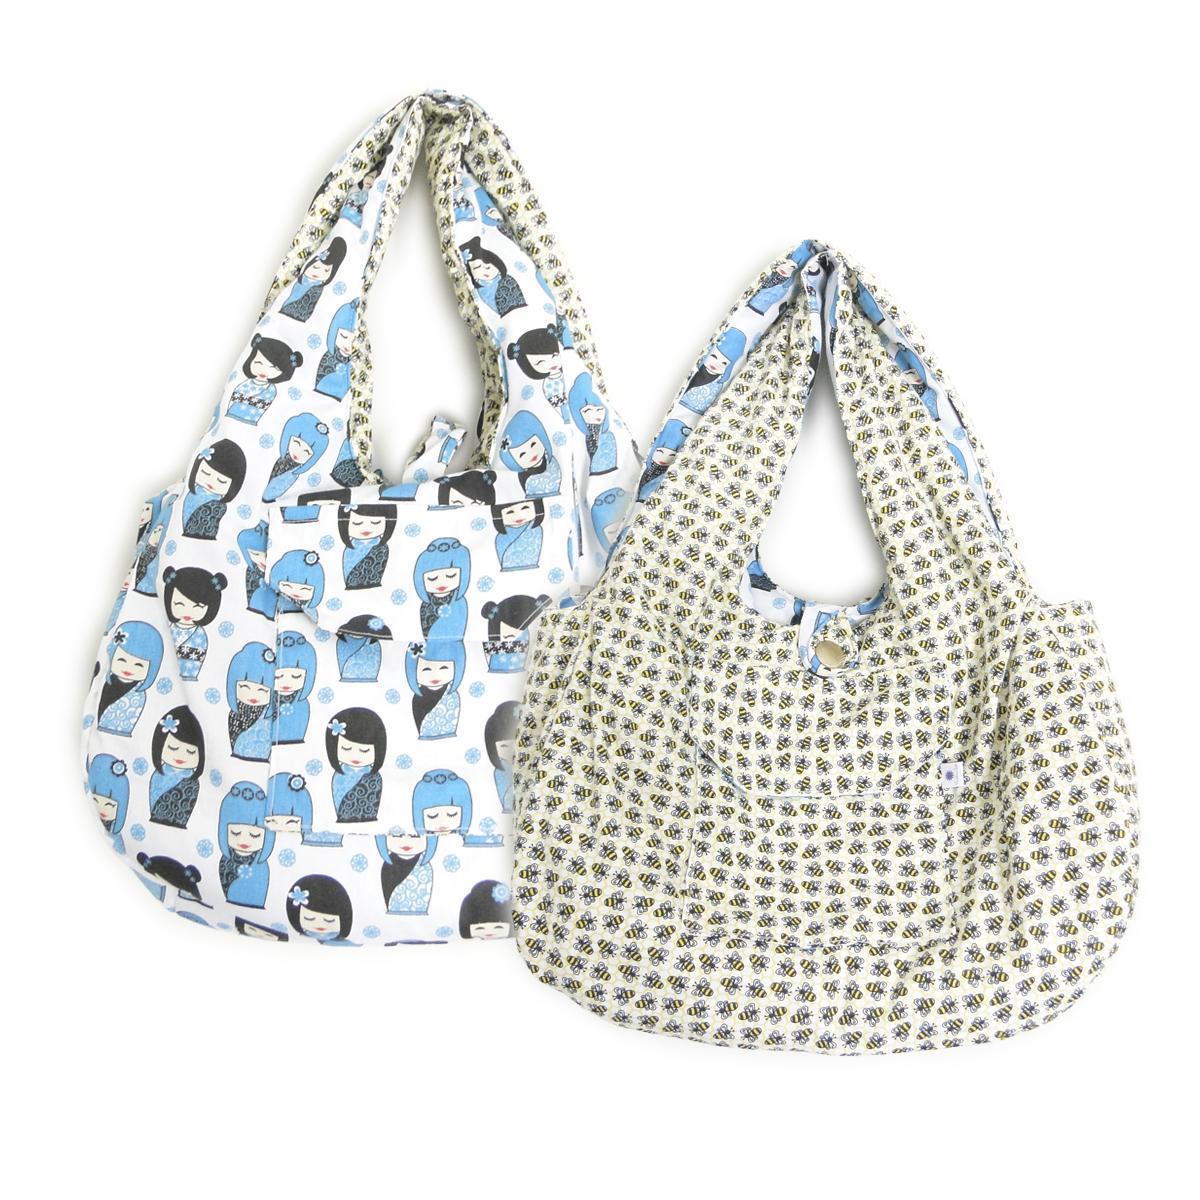 Bolsa Em Tecido Dupla Face : Fashionarts bolsas em tecido variedade praticidade e